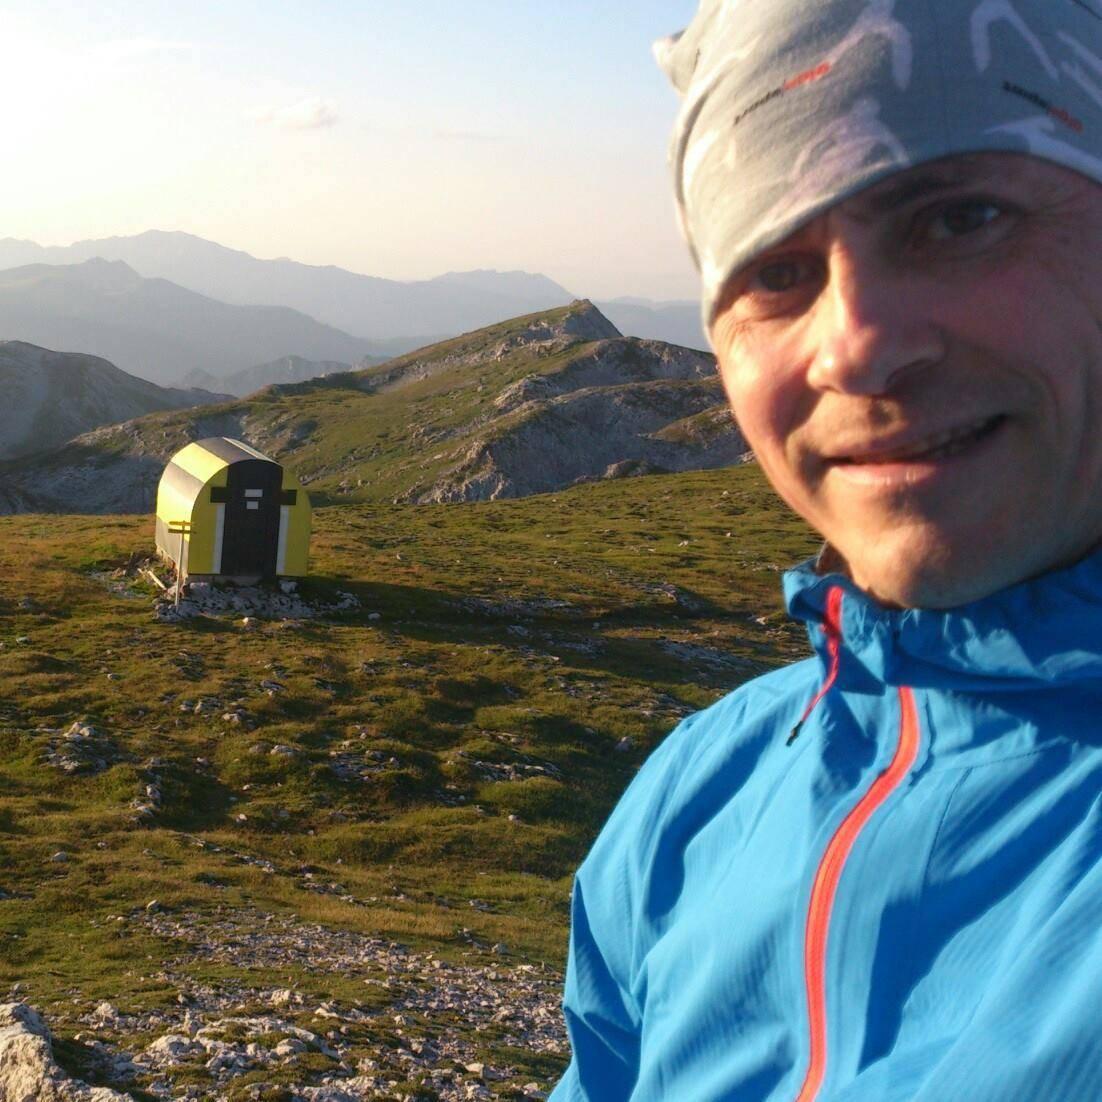 Hochschwab Fleischerbiwak, Trailrunning als Sport